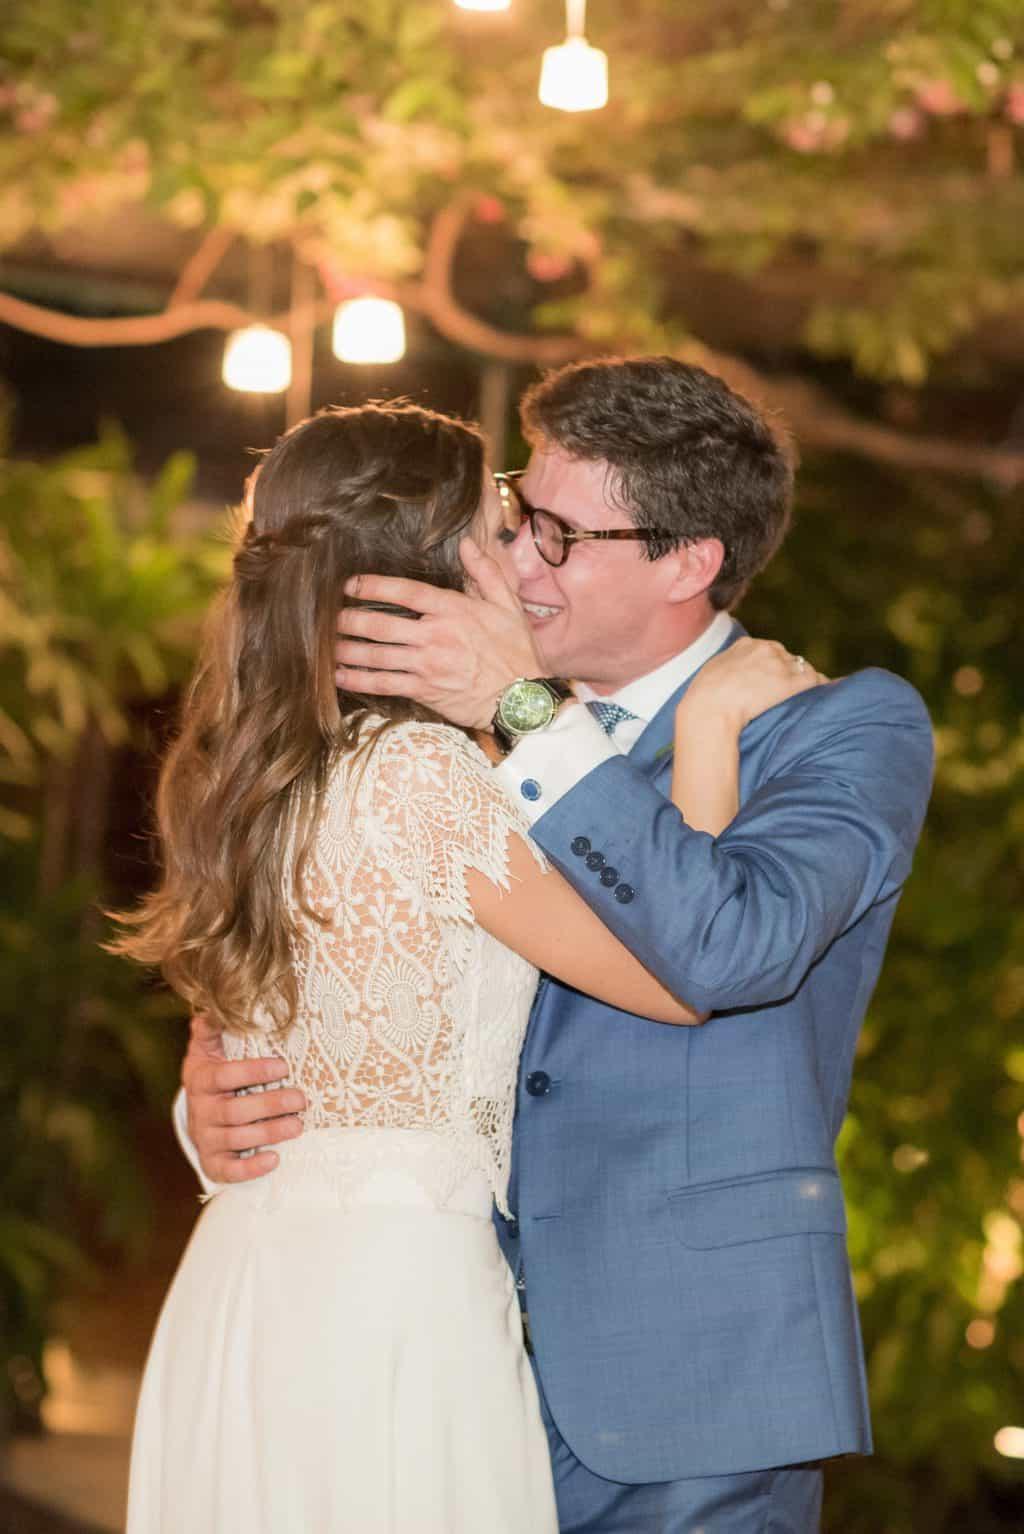 Casa-de-Santa-Teresa-Daniela-e-Juan-Destination-Wedding-Mariana-Nogueira-Decor-Marina-Fava-Fotografia-Thais-de-Carvalho-Dias-CaseMe-31